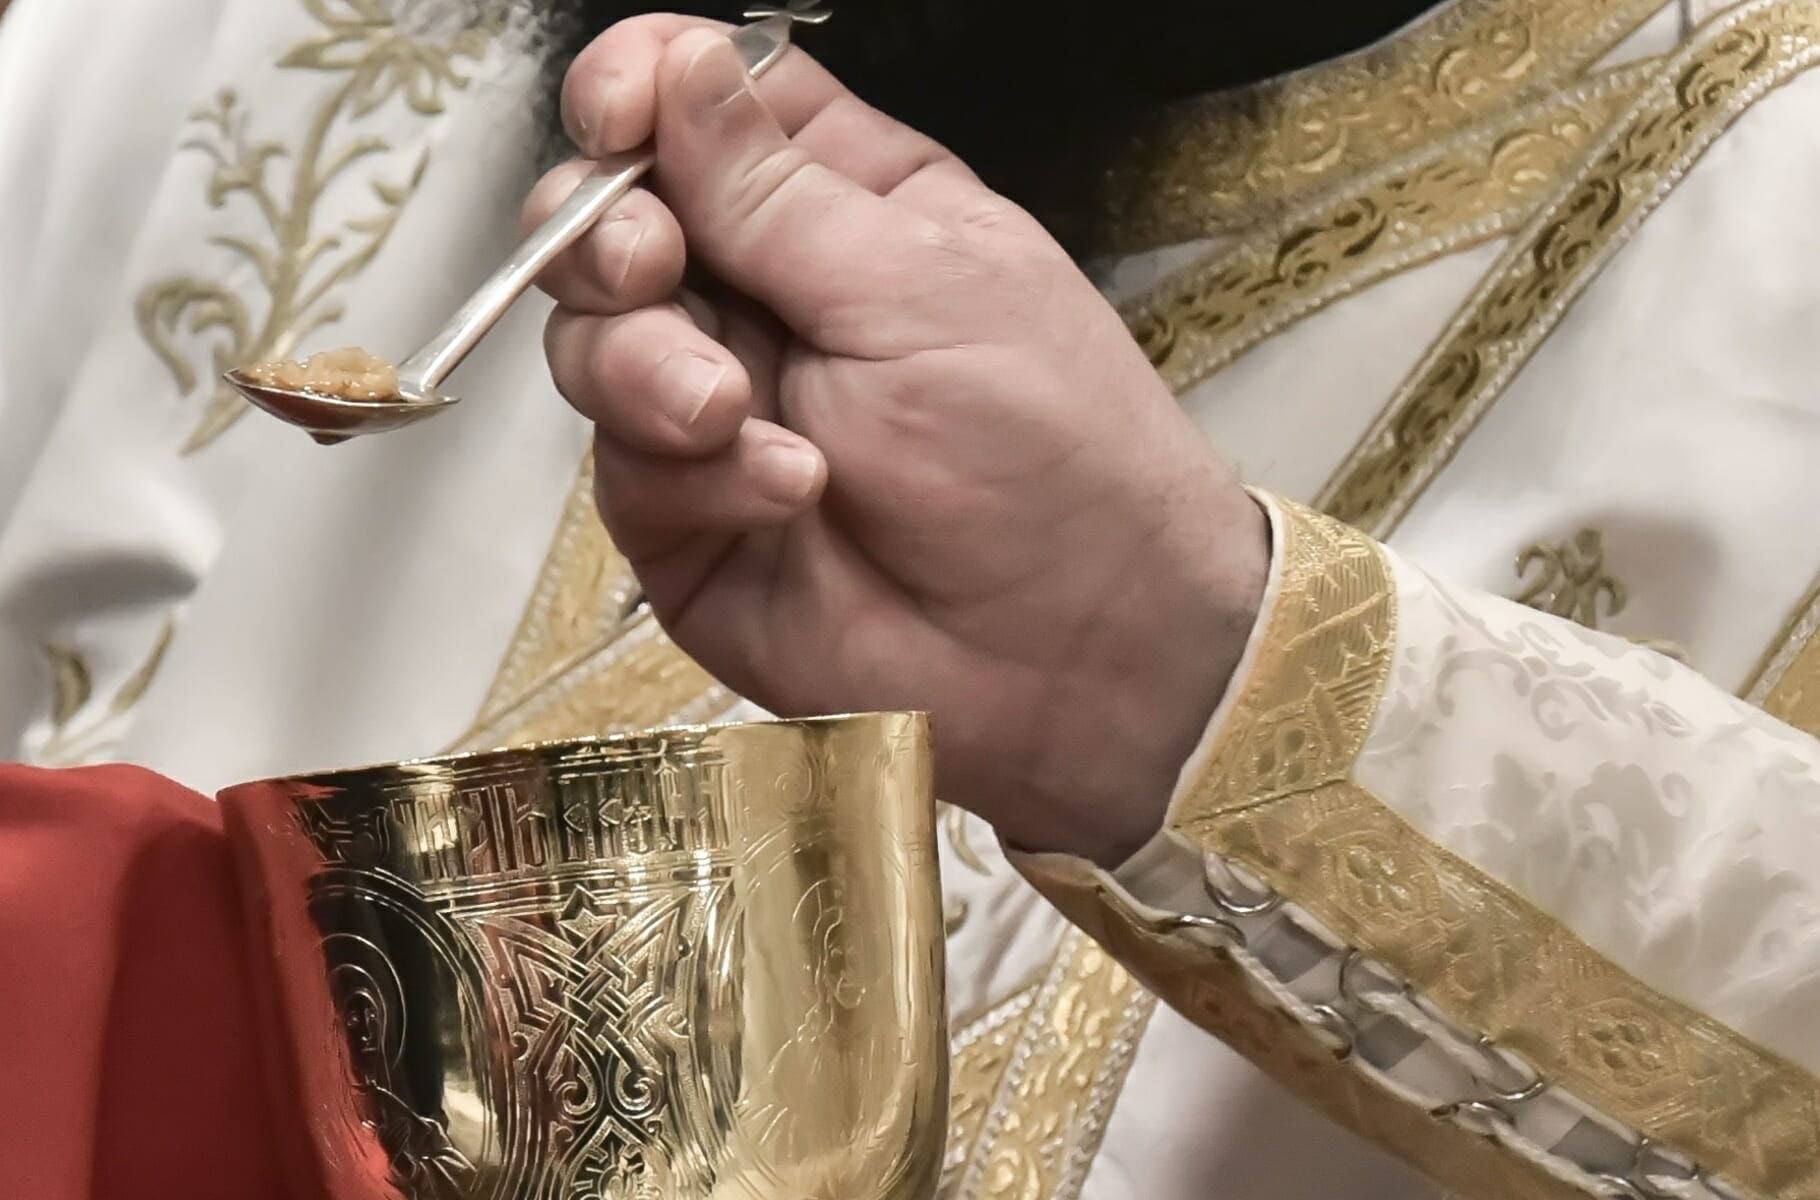 Χωρίς Θεία Κοινωνία ανοίγουν οι Ορθόδοξες Εκκλησίες στη Γερμανία